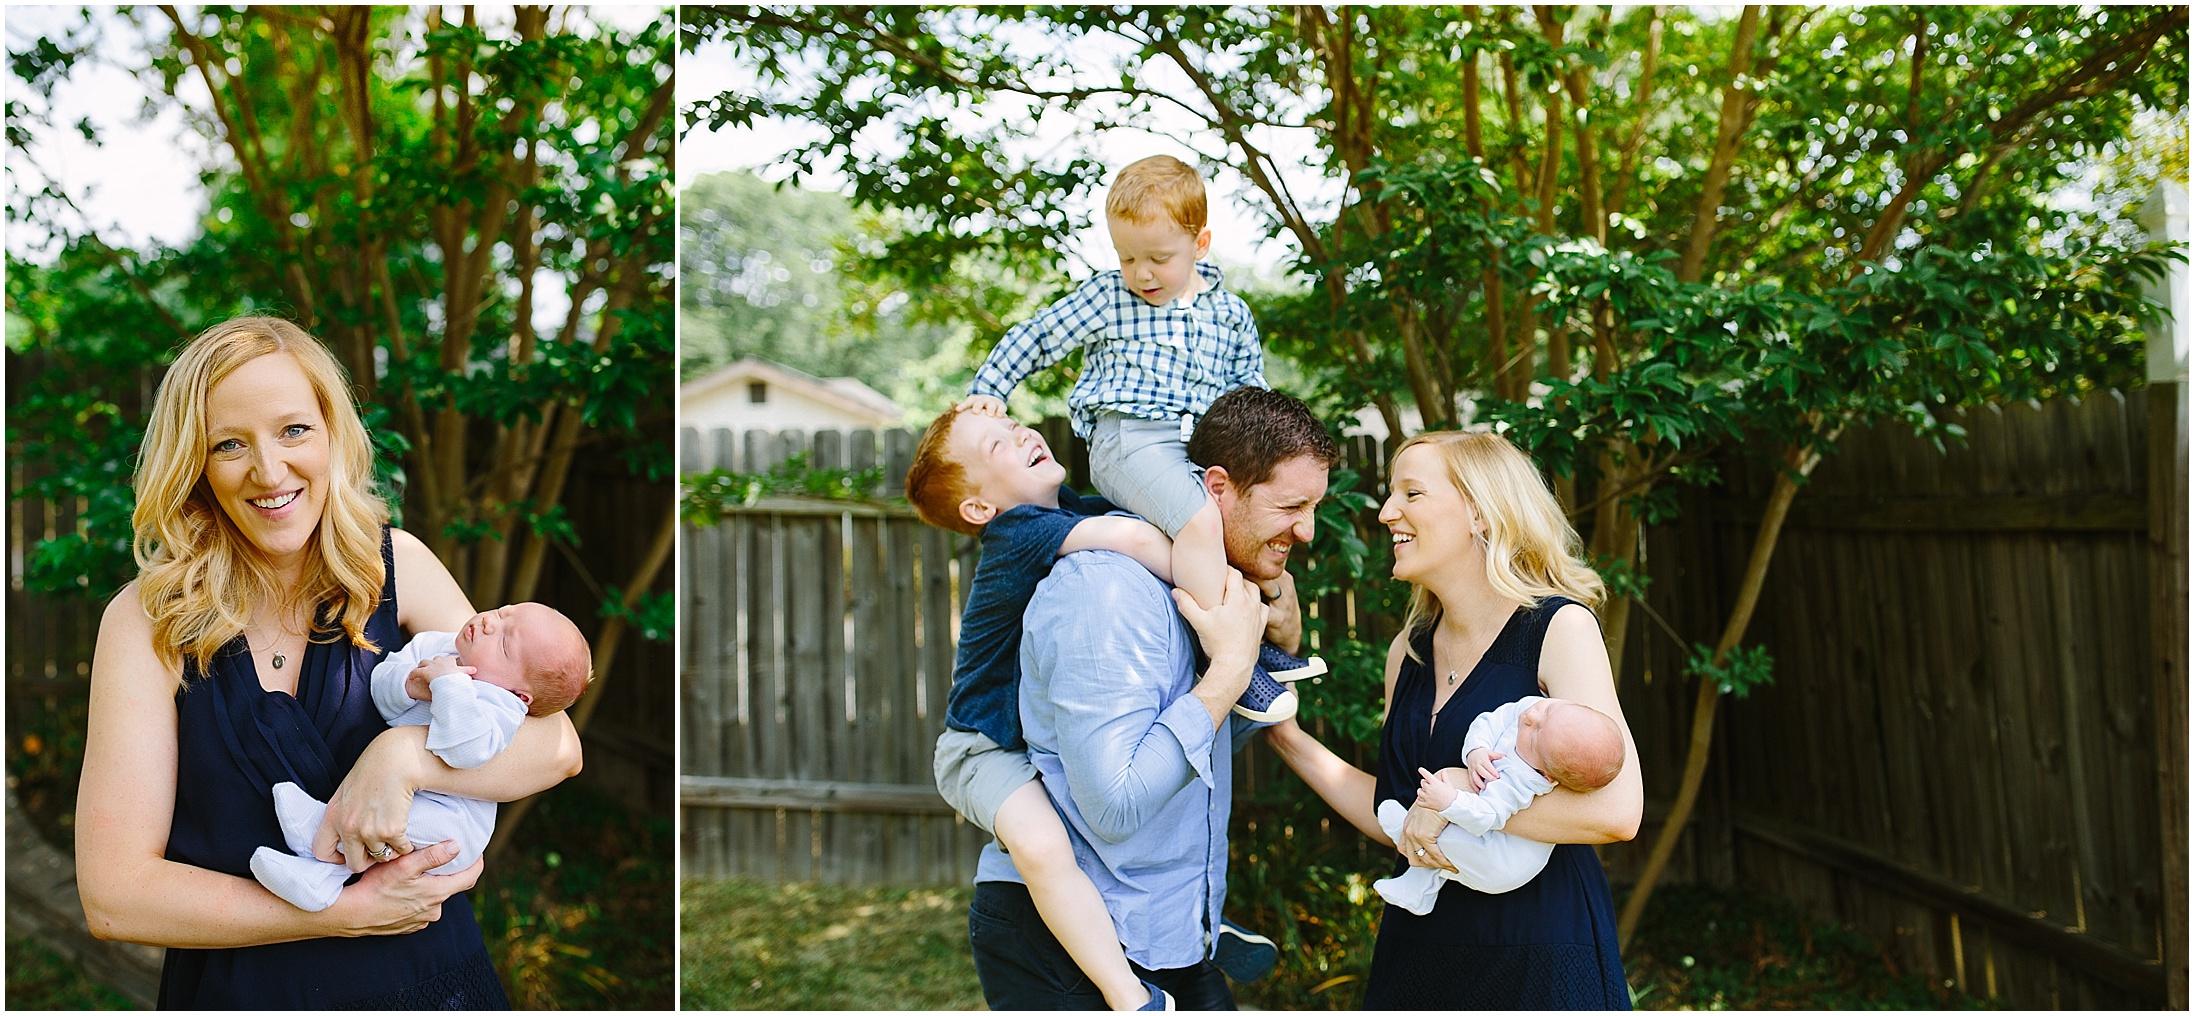 Chattanooga documentary style family photography; Emily Lapish_0127